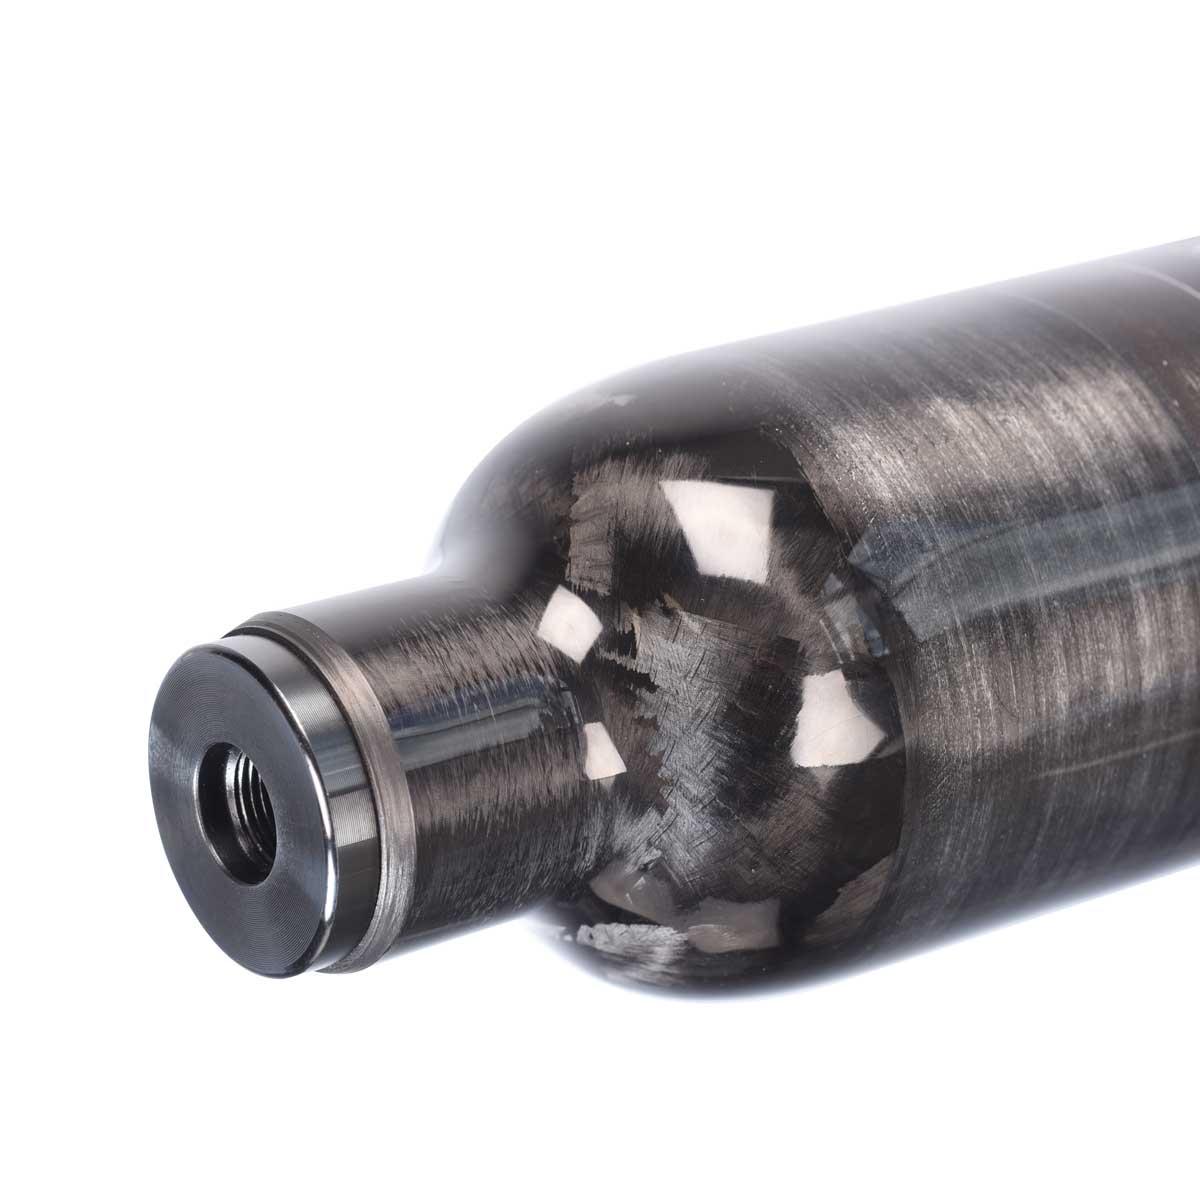 500cc 300BAR Carbon Fibre Buddy Bottle With FX Valve